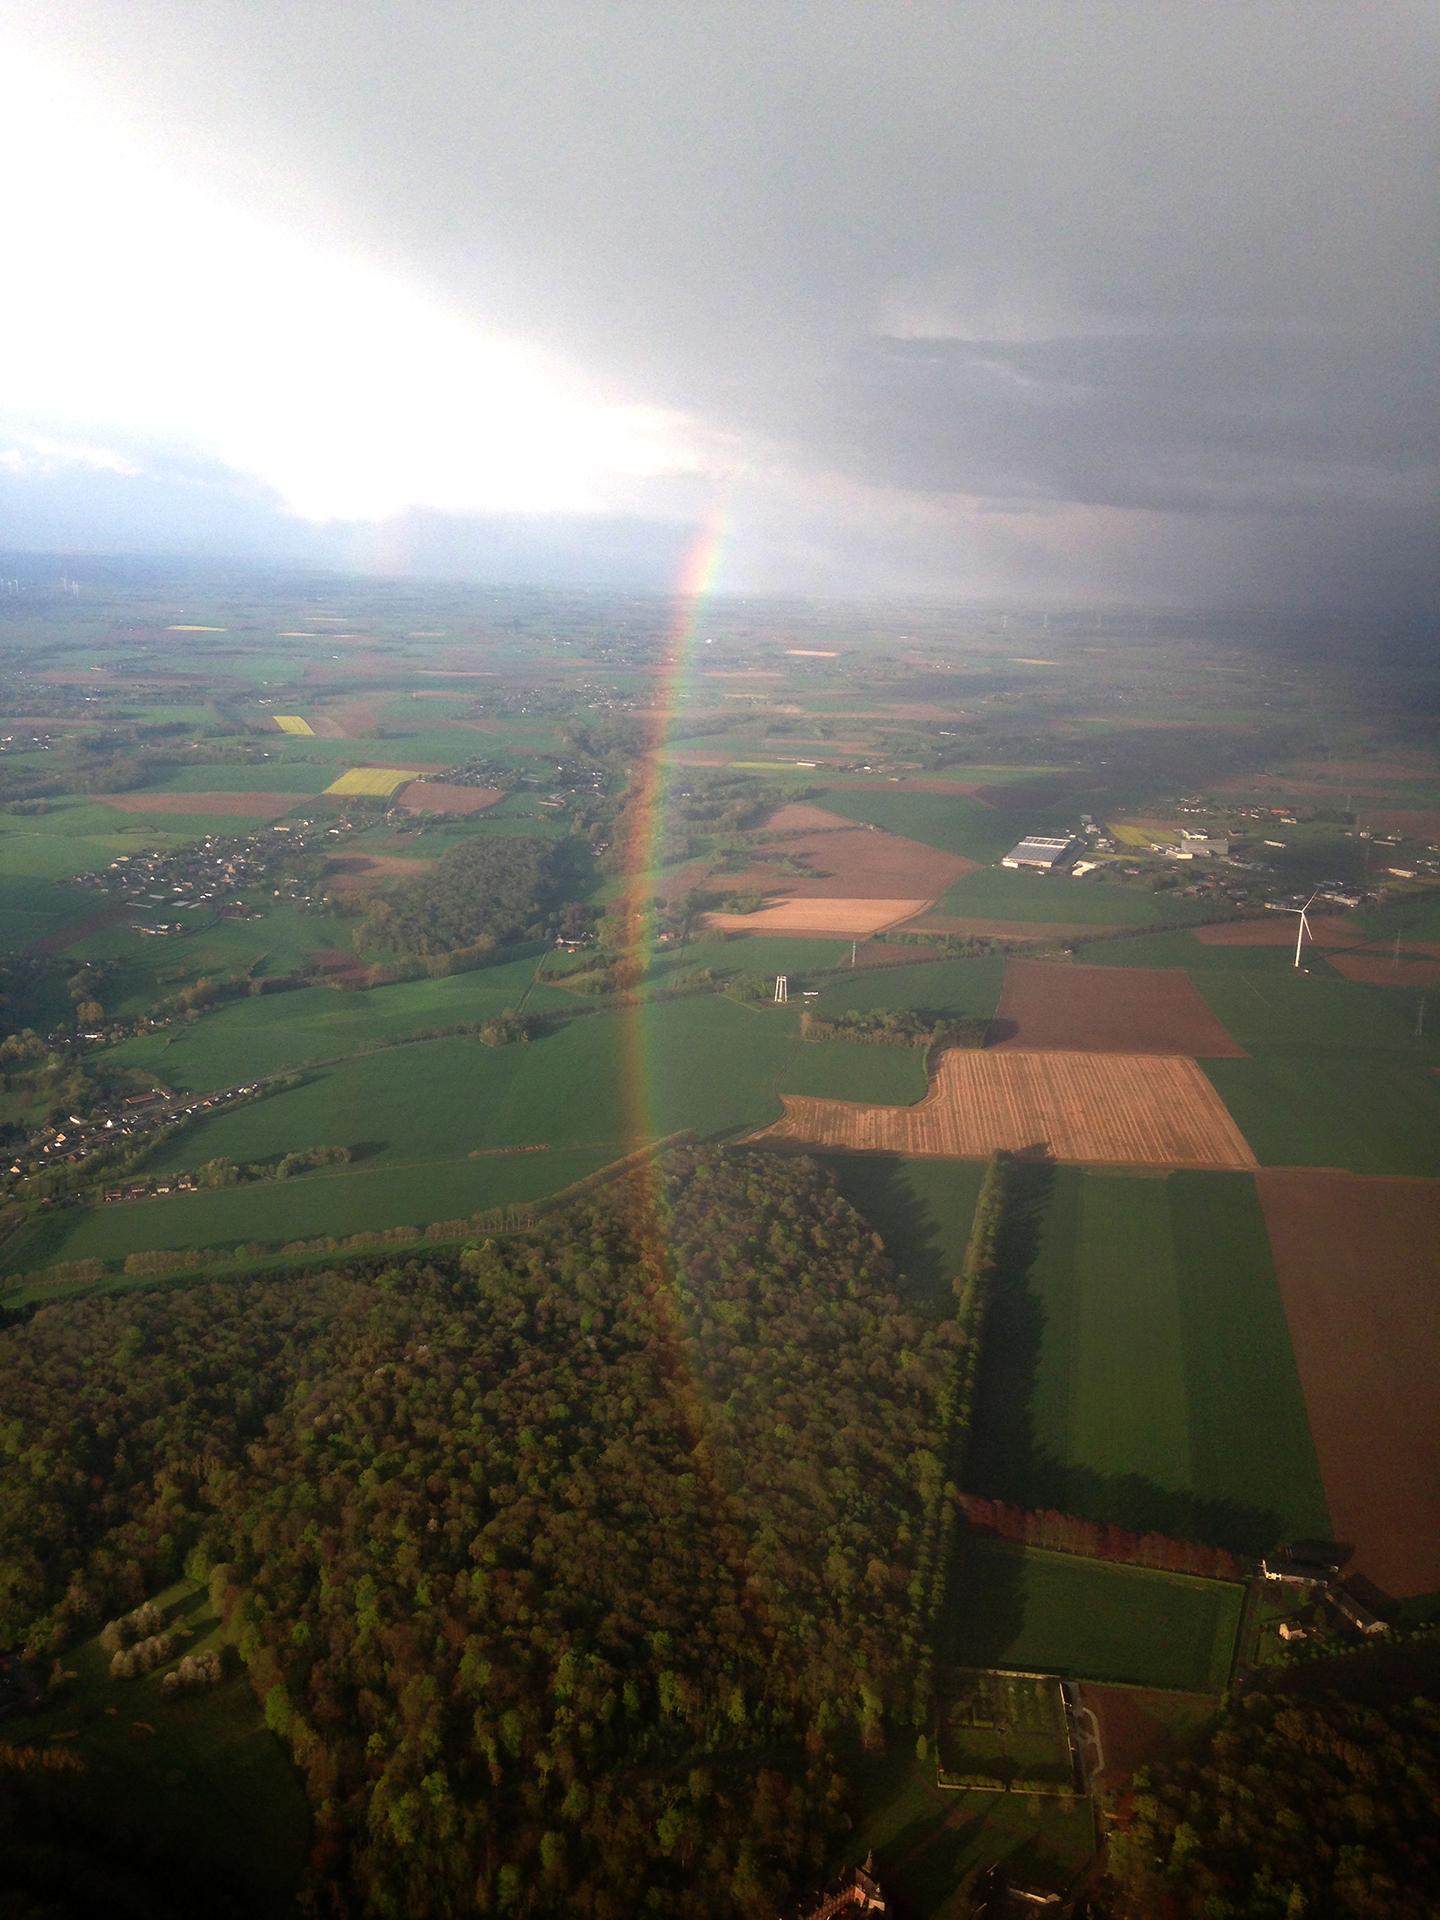 Landing in Belgium, welcome to the lowlands!